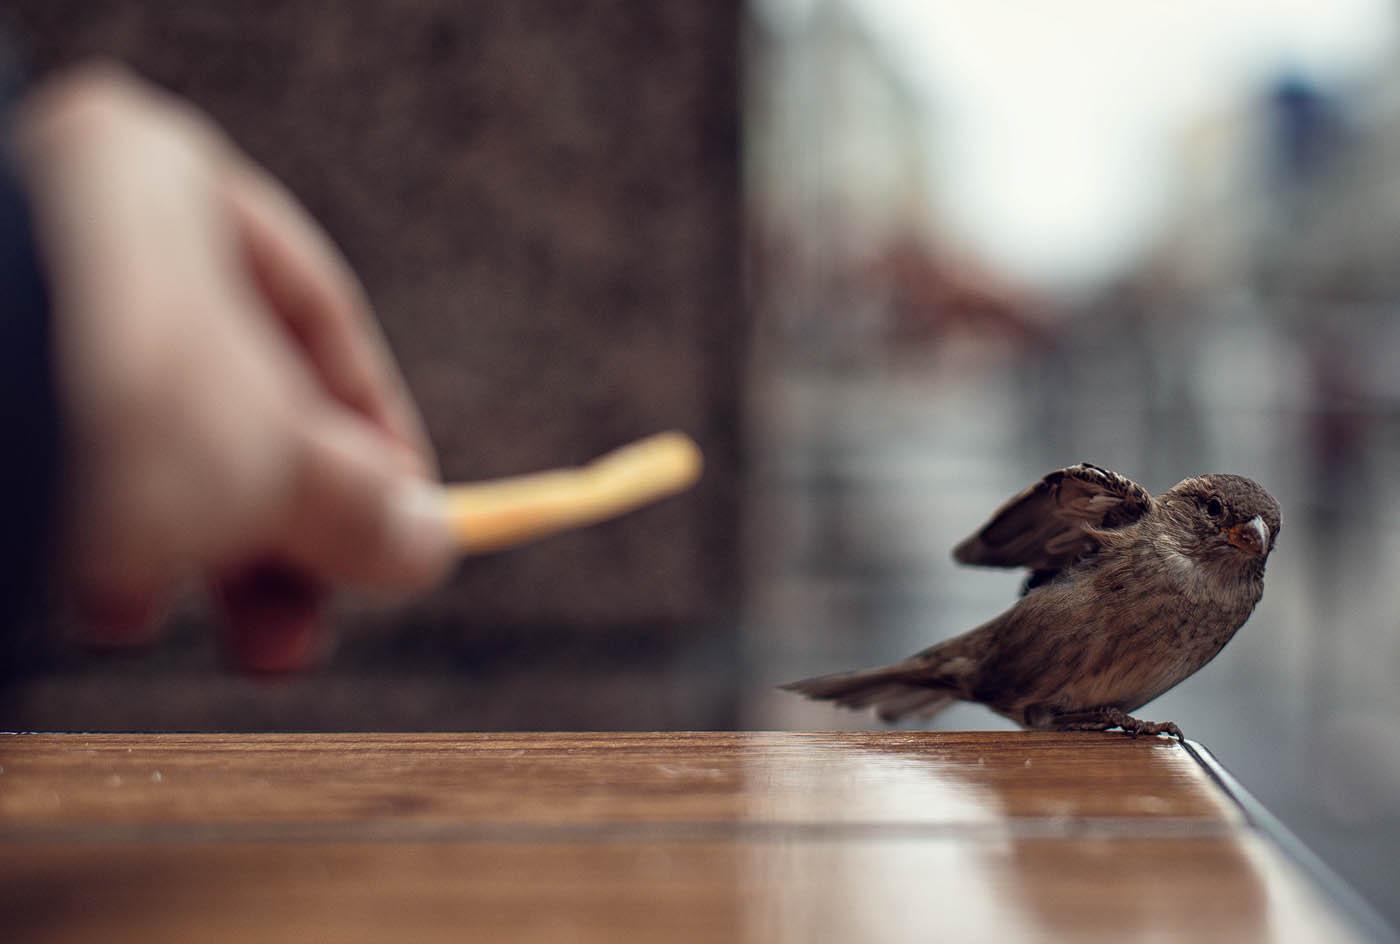 Сонник птицы залетели в дом к чему снится. к чему снится птицы залетели в дом к чему снится видеть во сне - сонник дома солнца. страница 5